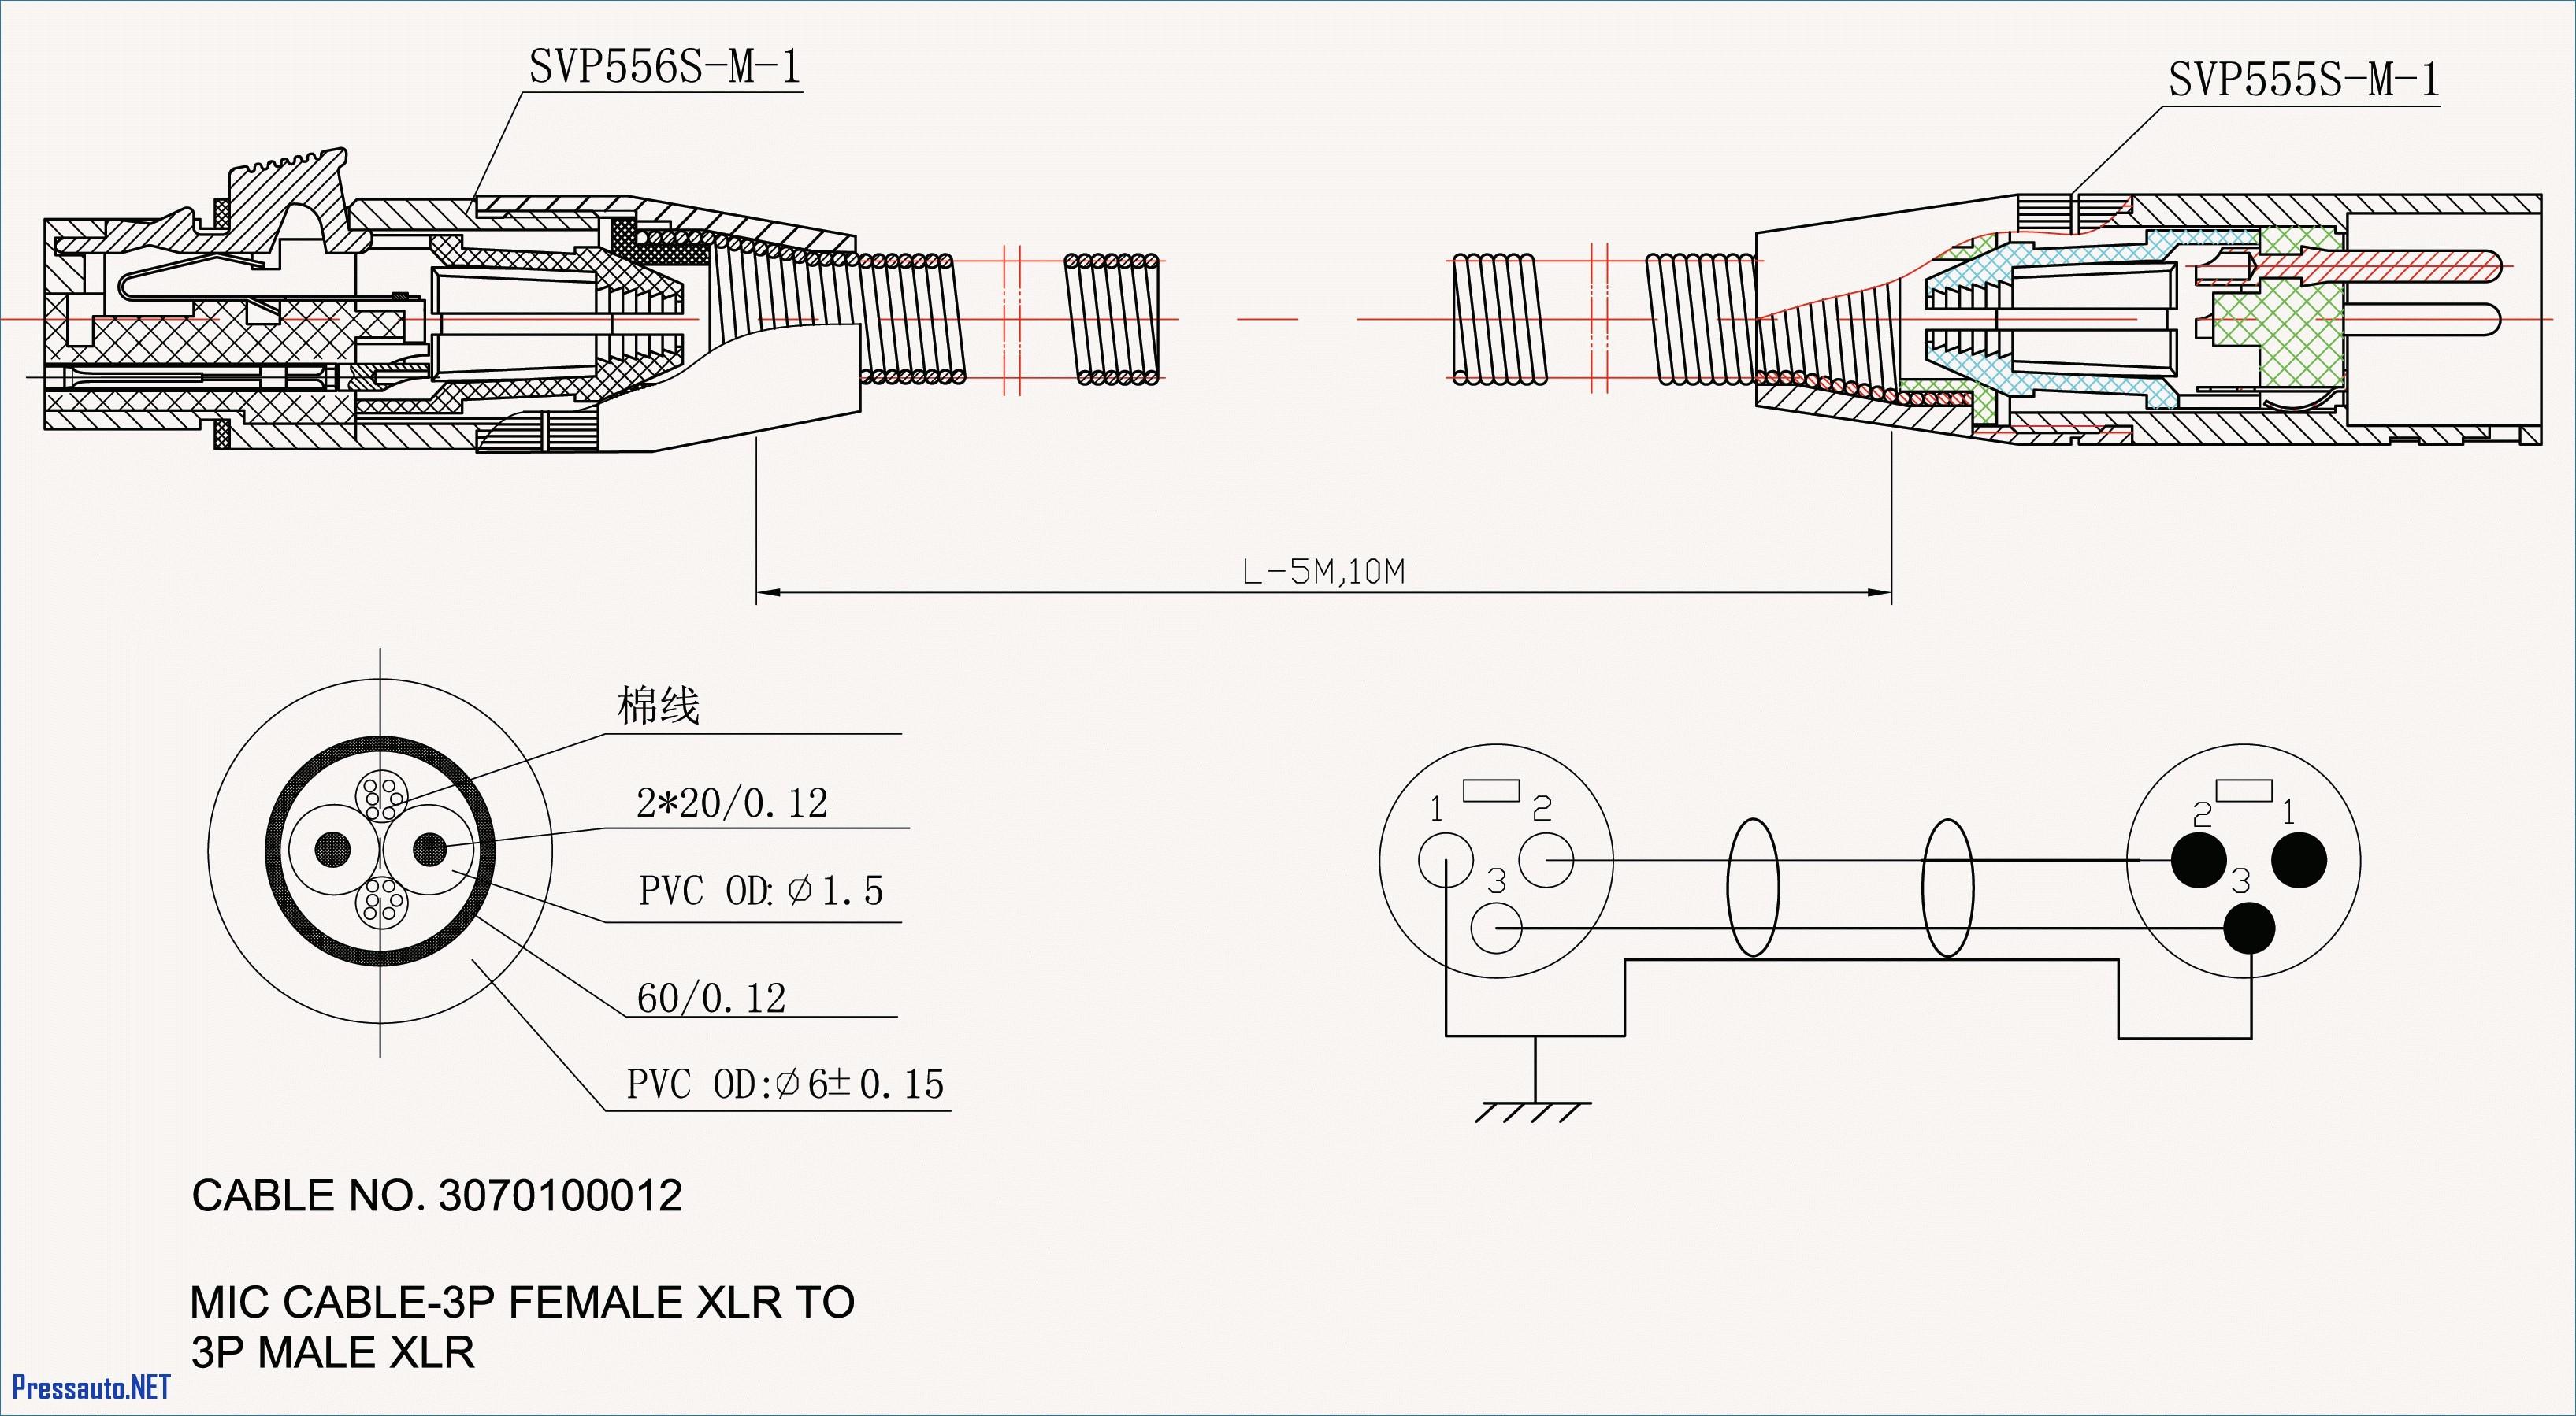 3 Wire Alternator Wiring Diagram Passkey 3 Wiring Diagram Awesome 3 Wire Microphone Wiring Diagram Of 3 Wire Alternator Wiring Diagram